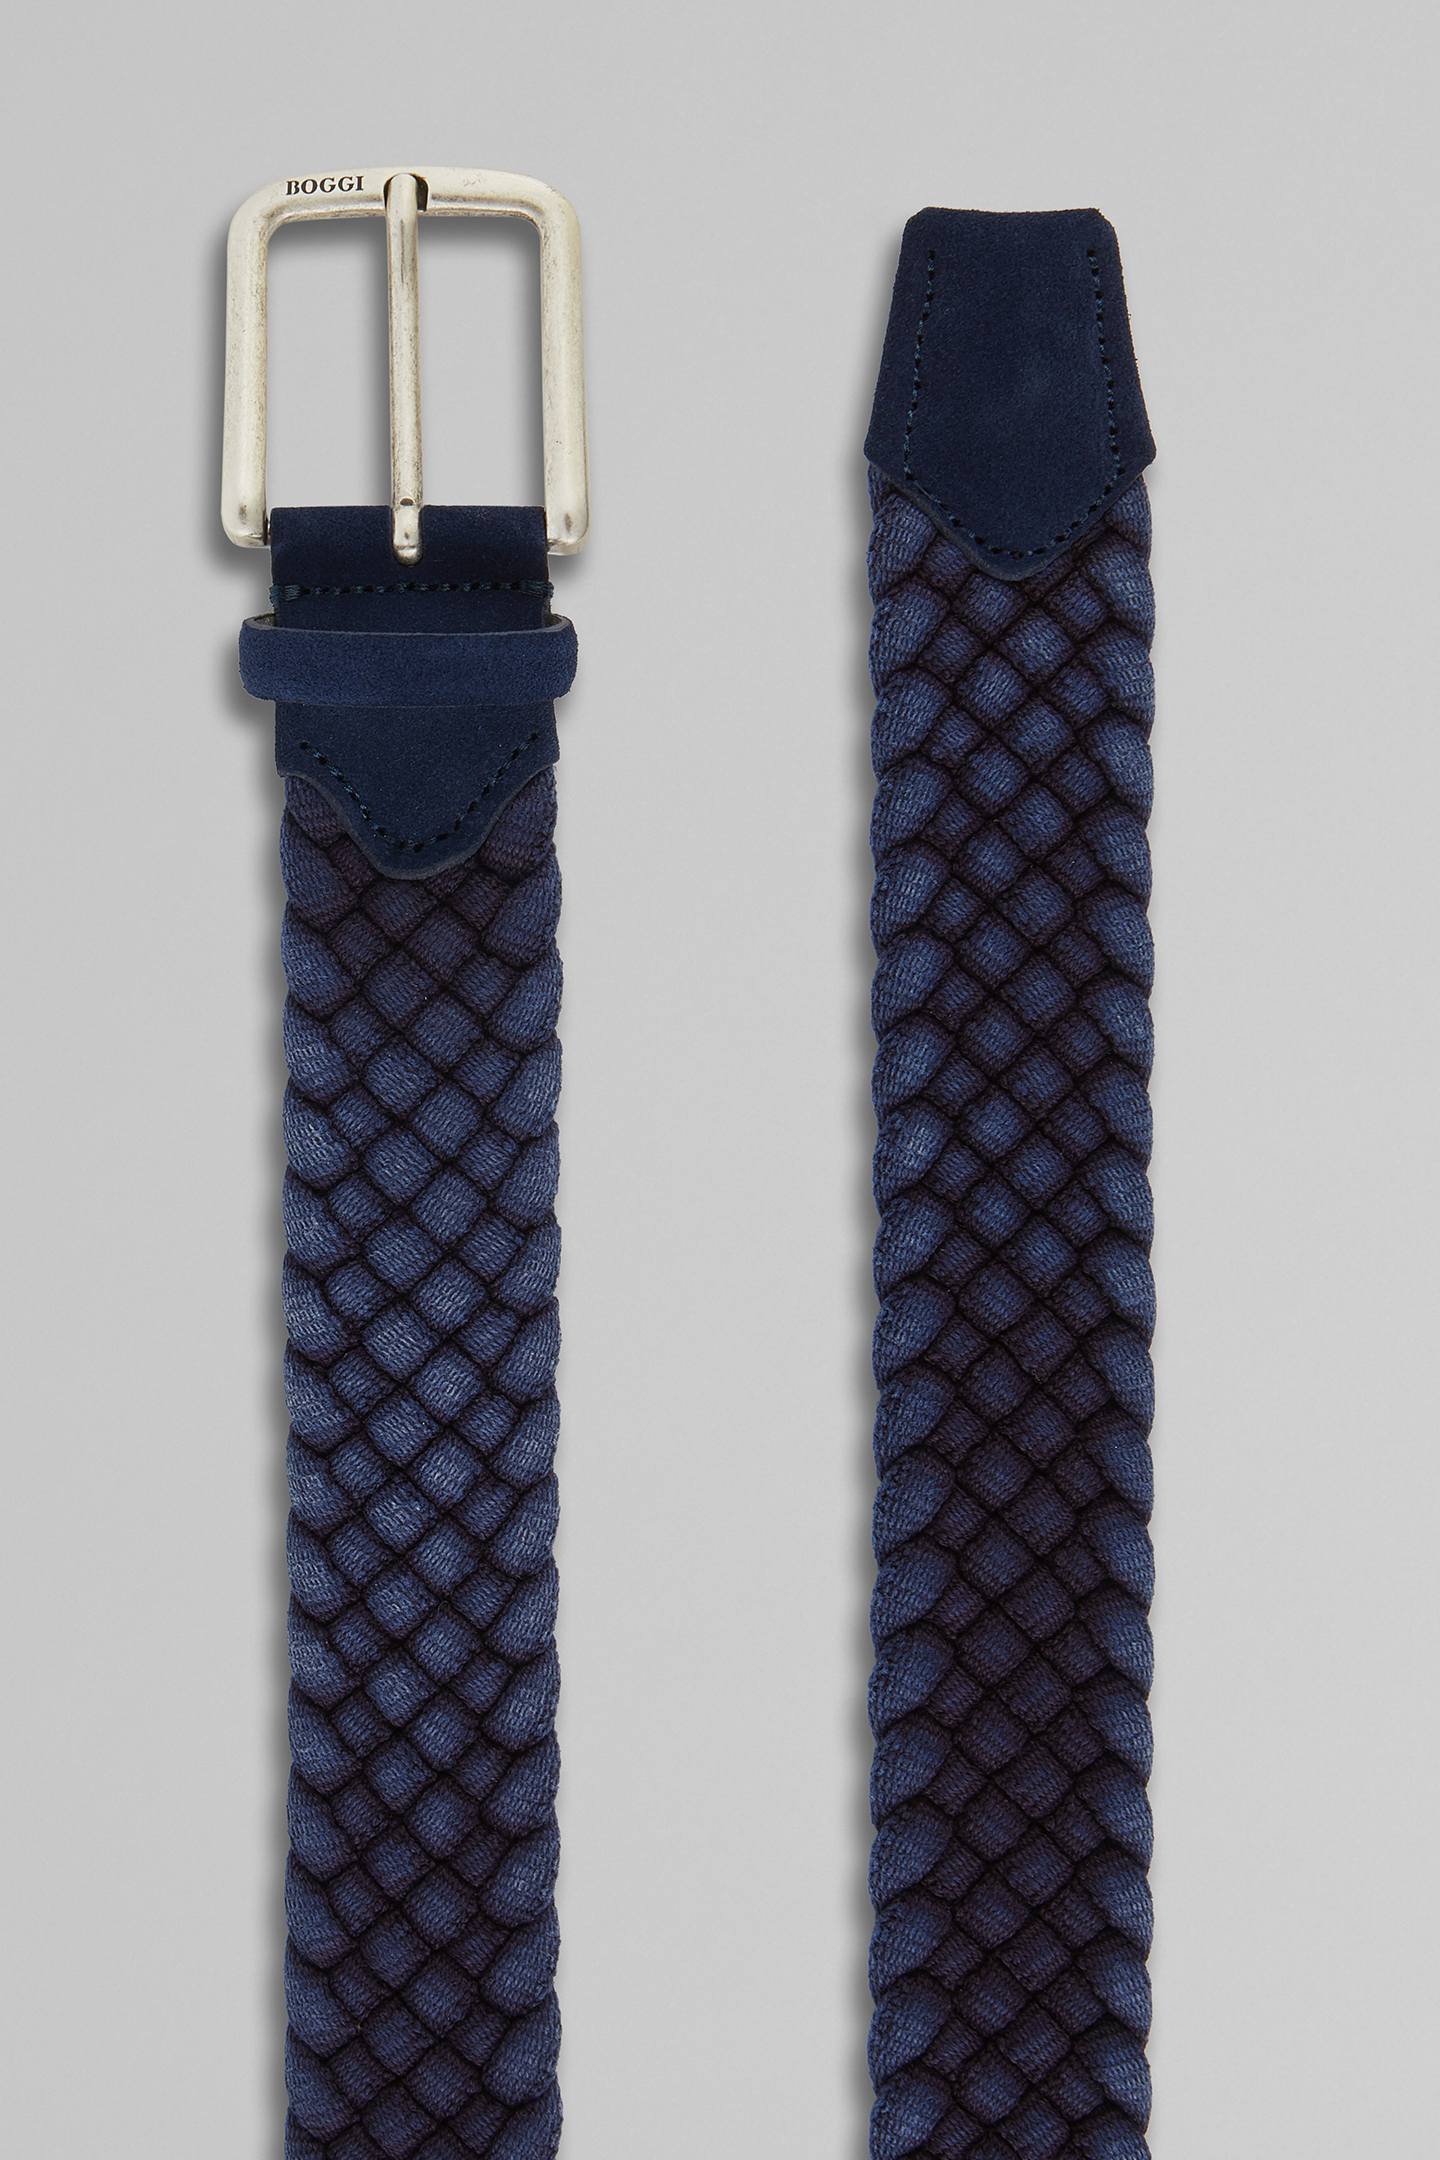 Cinturón Boggi Trenzado De Algodón